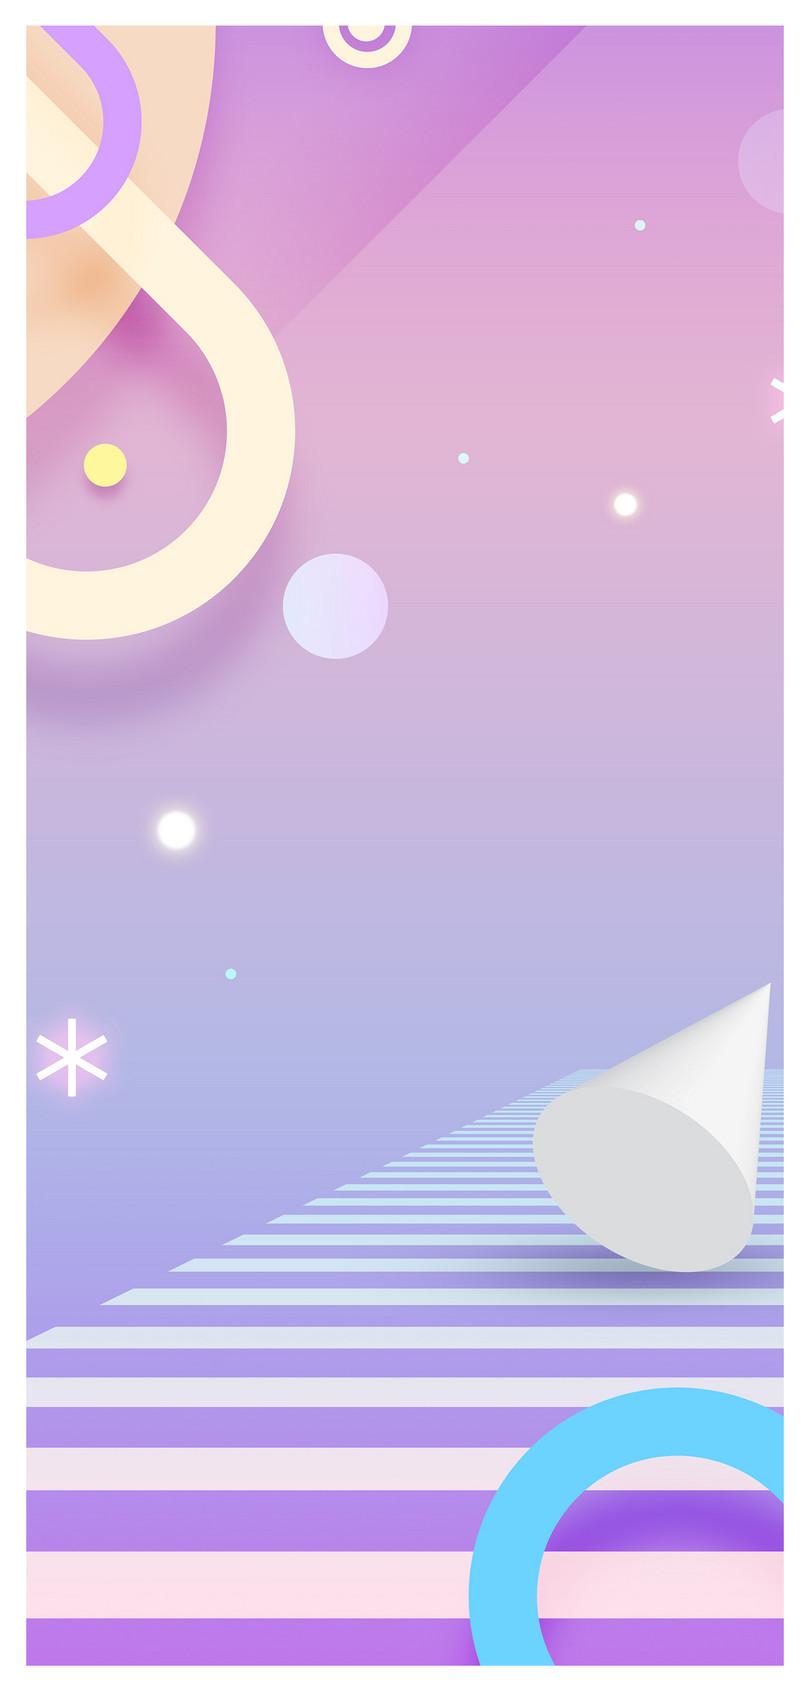 霓虹場景手機壁紙圖片素材 Jpg圖片尺寸1125 2436px 高清圖片